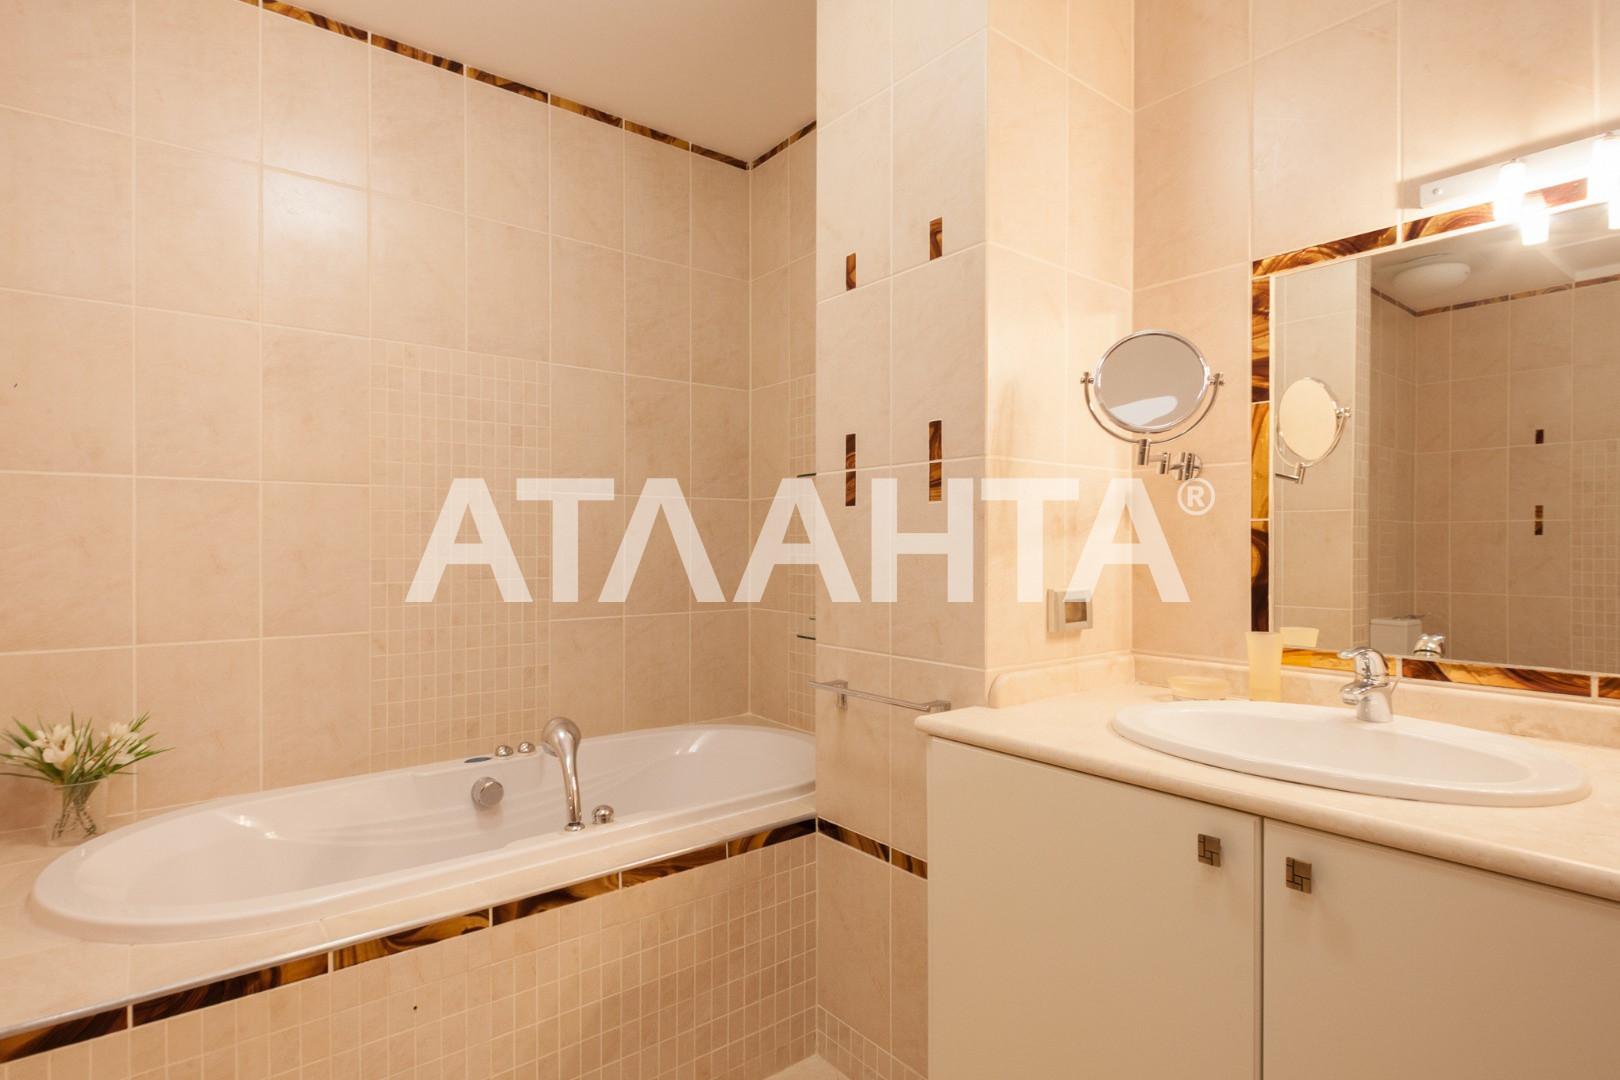 Продается 3-комнатная Квартира на ул. Педагогический Пер. — 195 000 у.е. (фото №10)